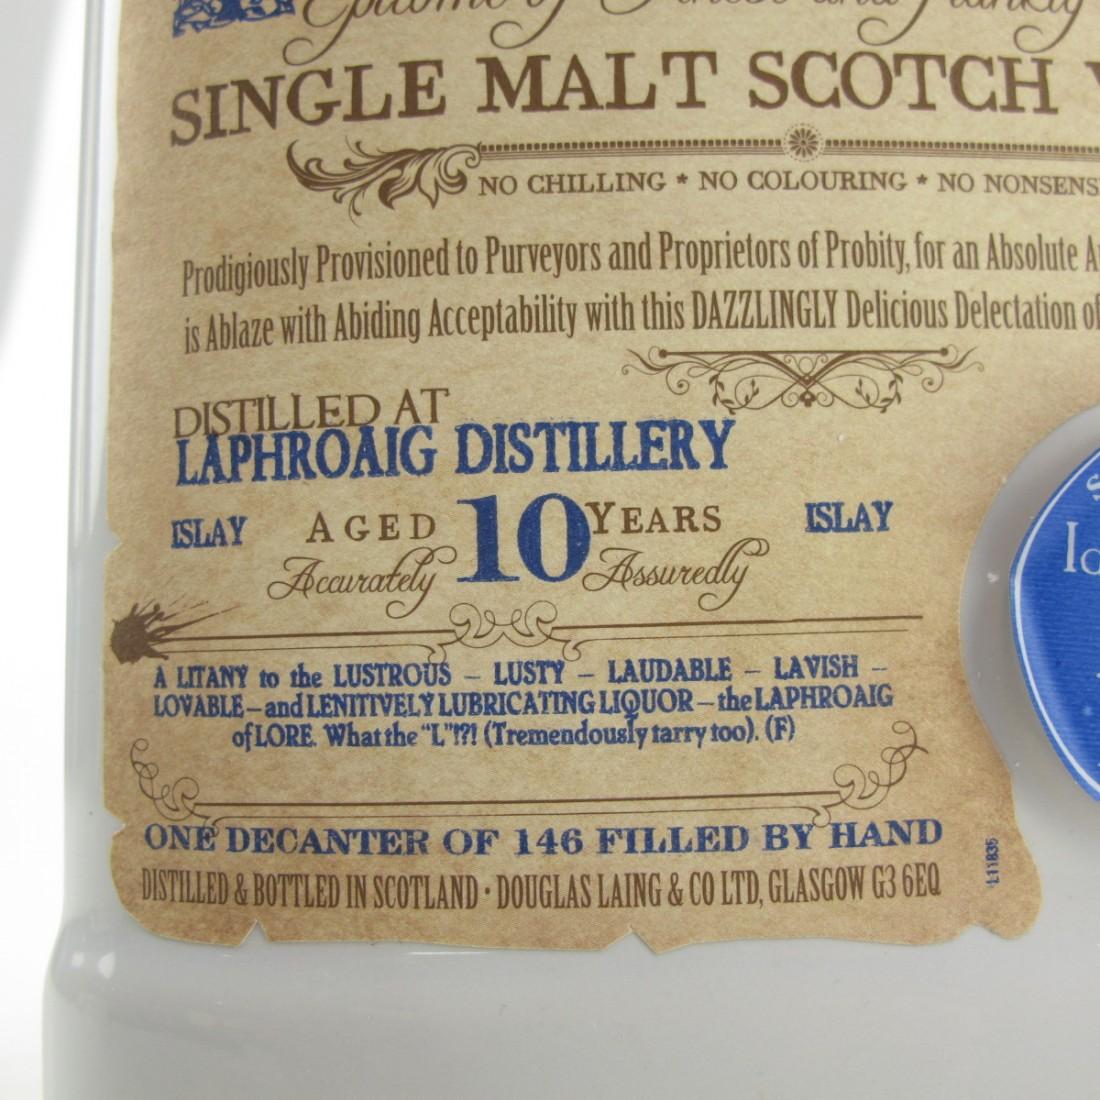 Laphroaig 10 Year Old Douglas Laing Premier Barrel